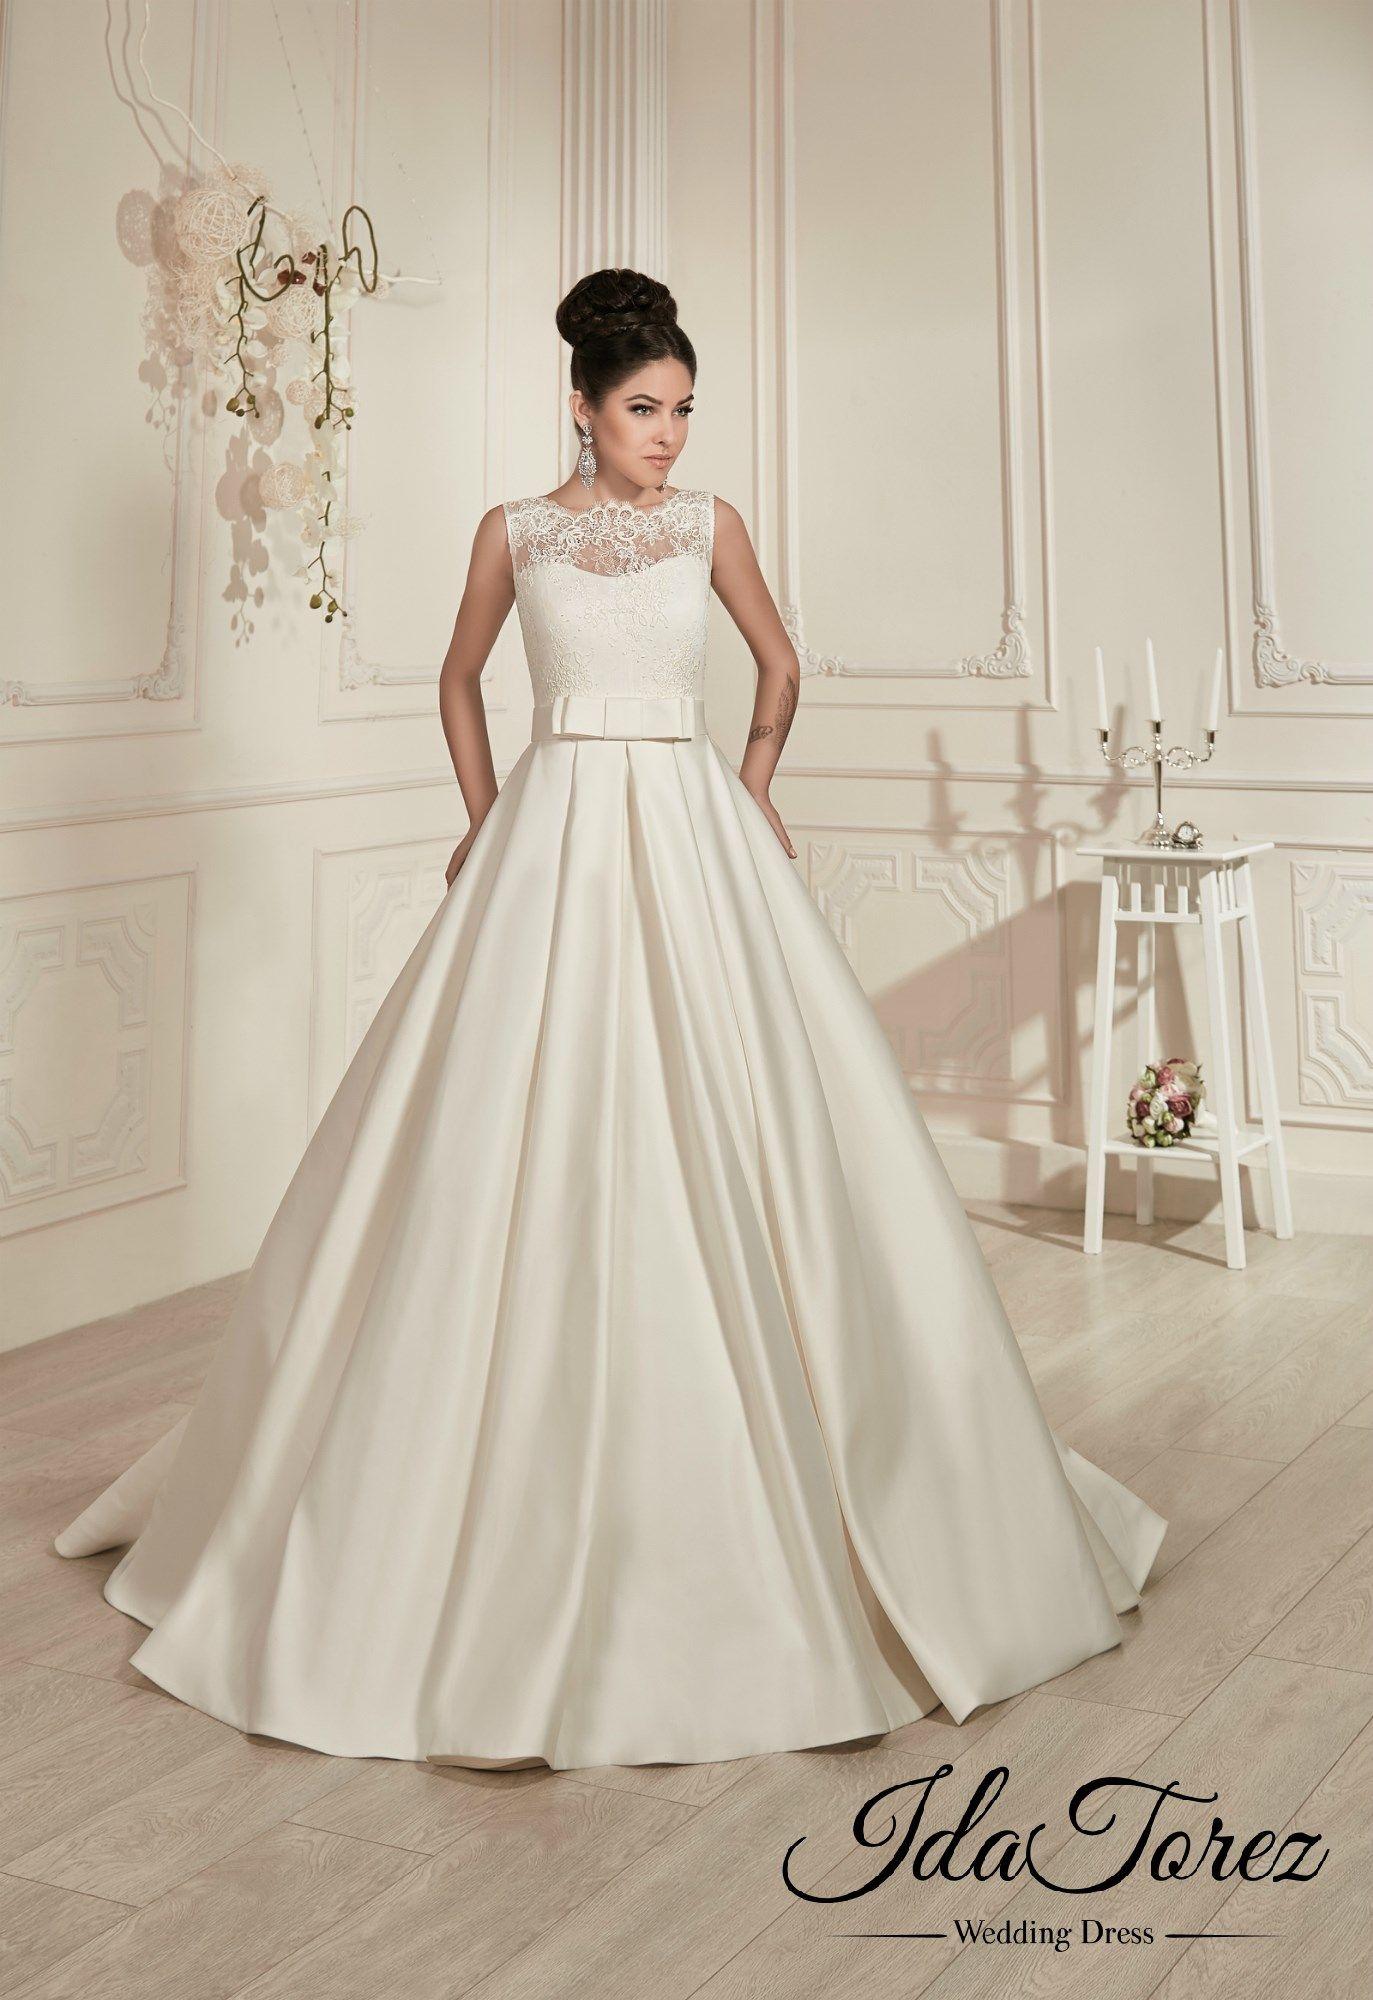 Fein Filipino Hochzeitskleid Fotos - Brautkleider Ideen ...